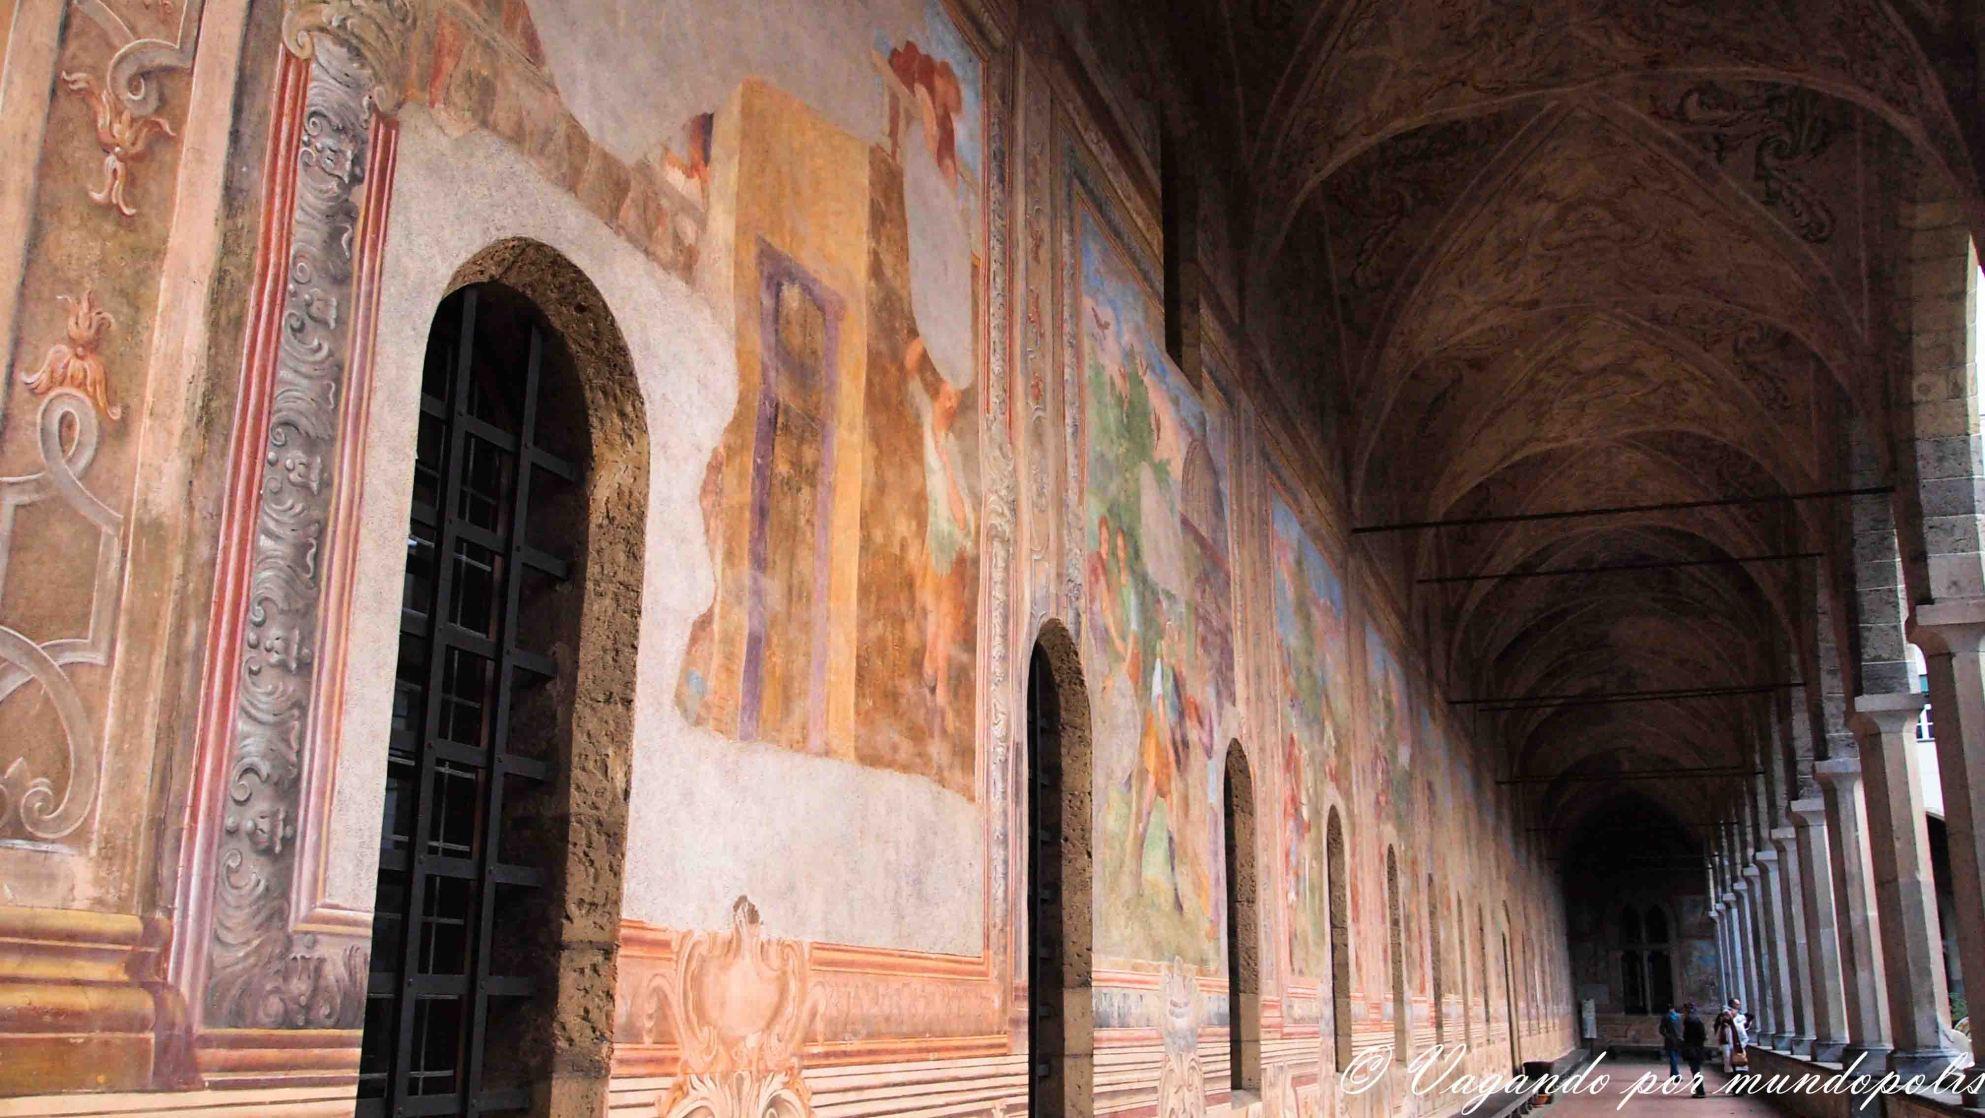 turismo-en-napoles-que-ver-basilica-santa-chiara